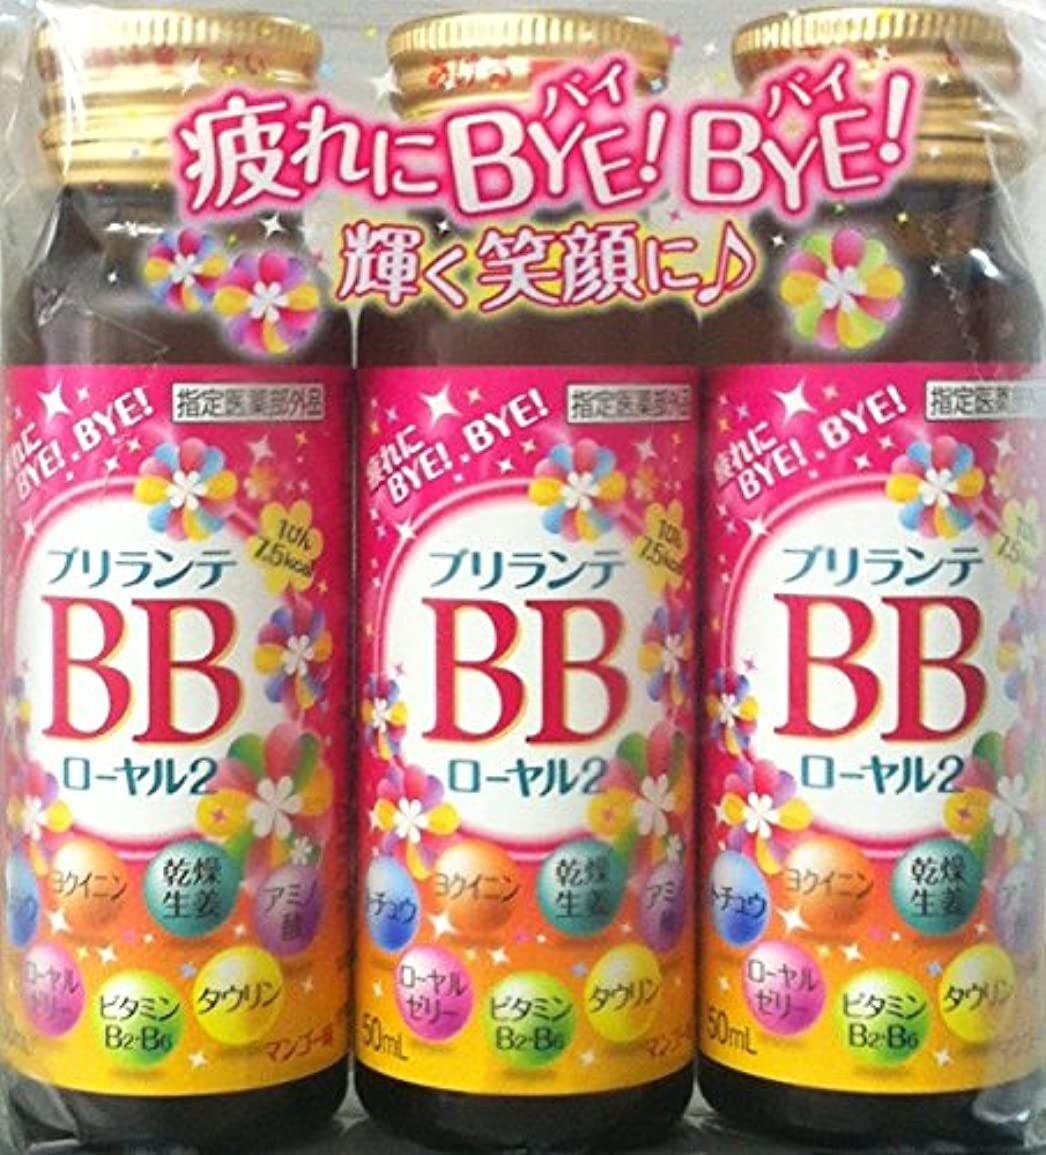 銛栄養ヒップ阪本漢法製薬 ブリランテBBローヤル2 50ml×3本セット